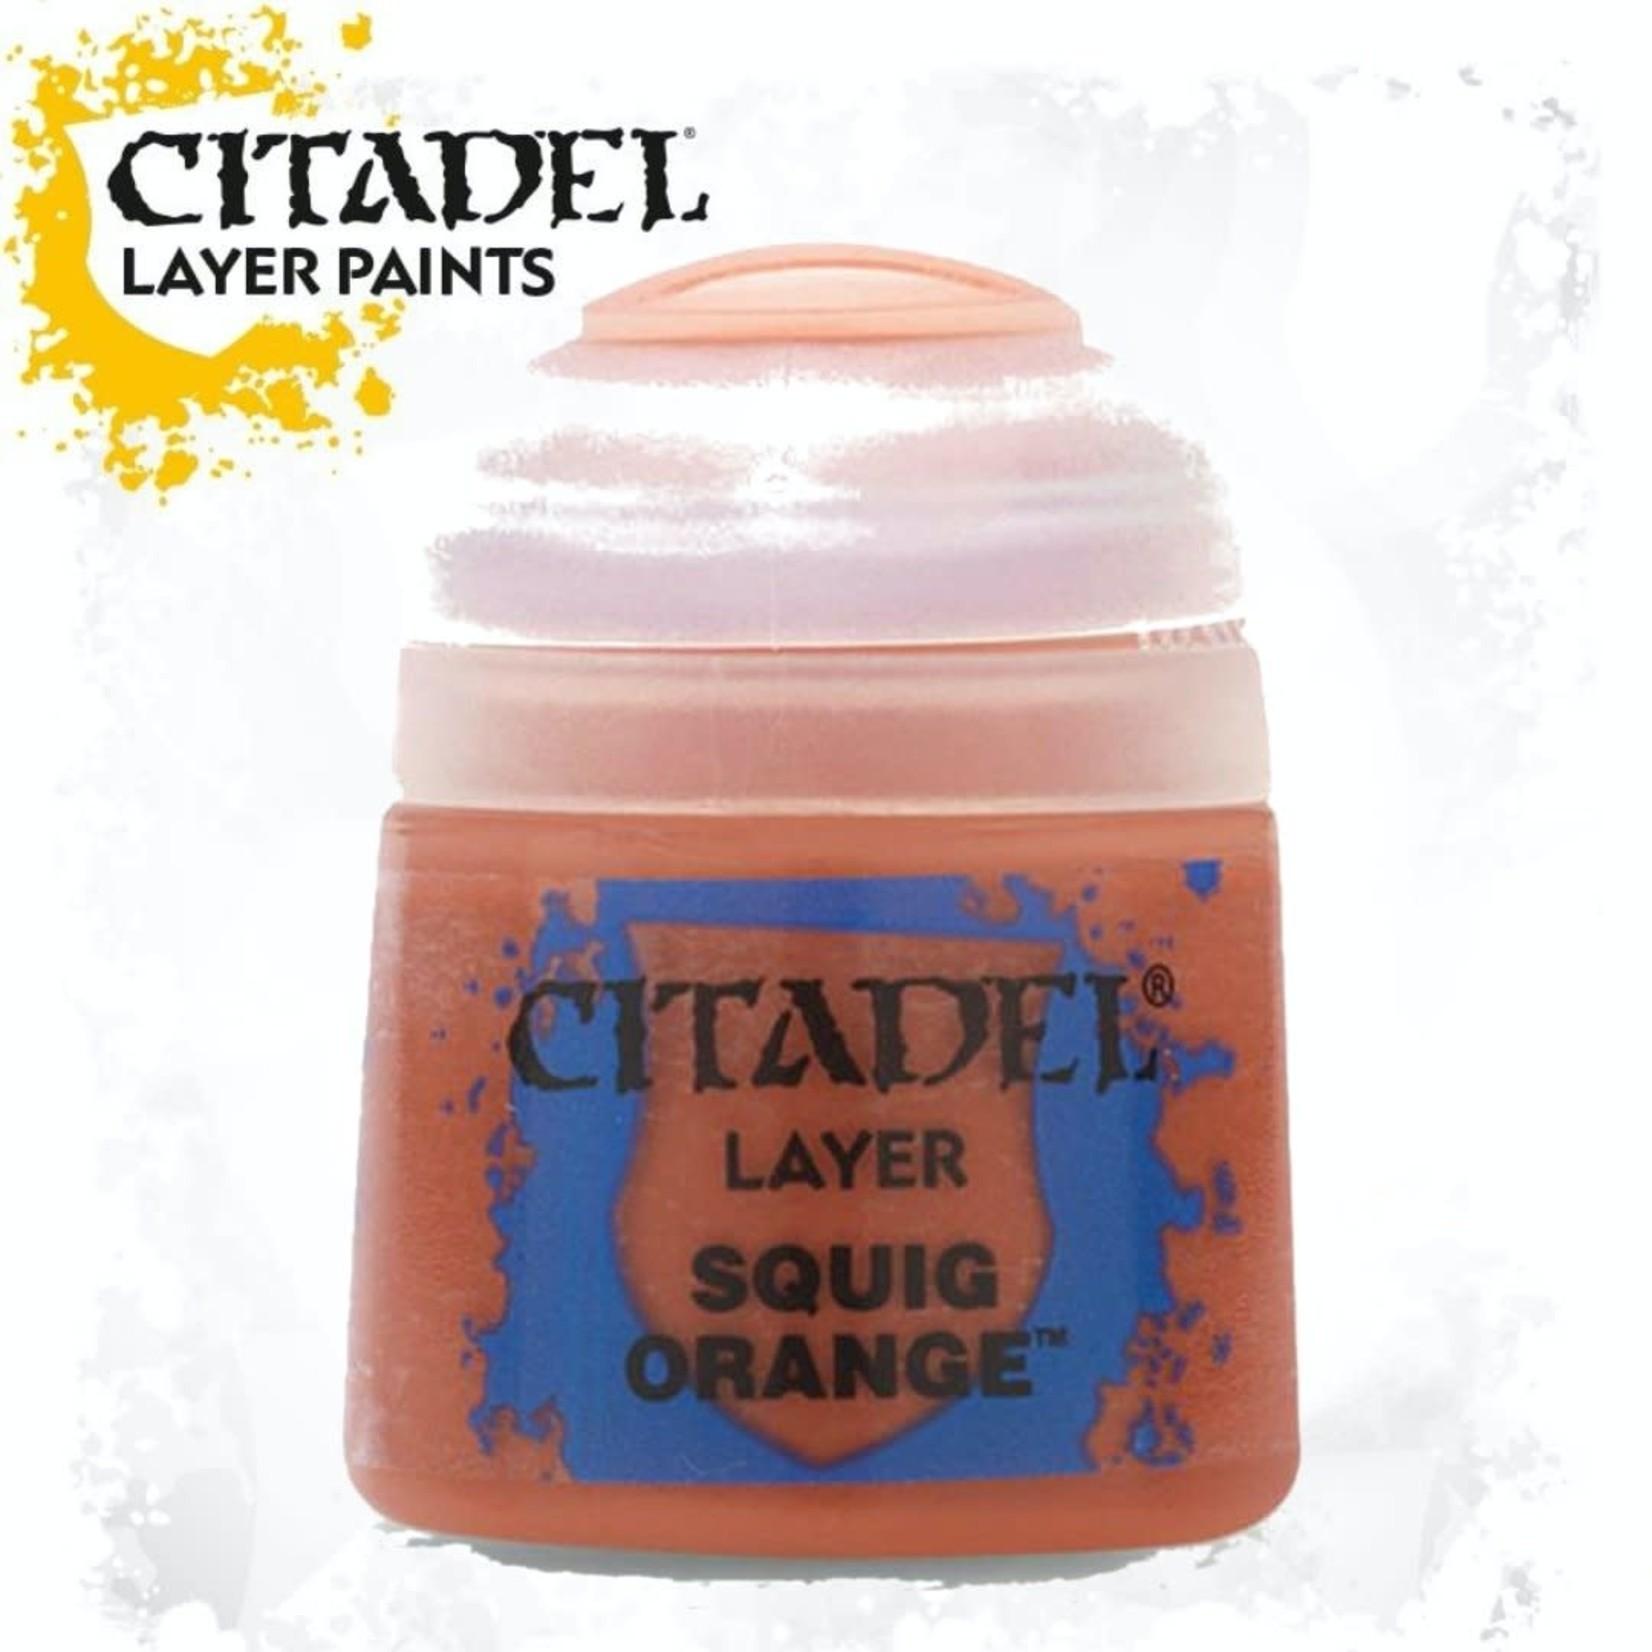 Citadel Citadel Paint - Layer: Squig Orange